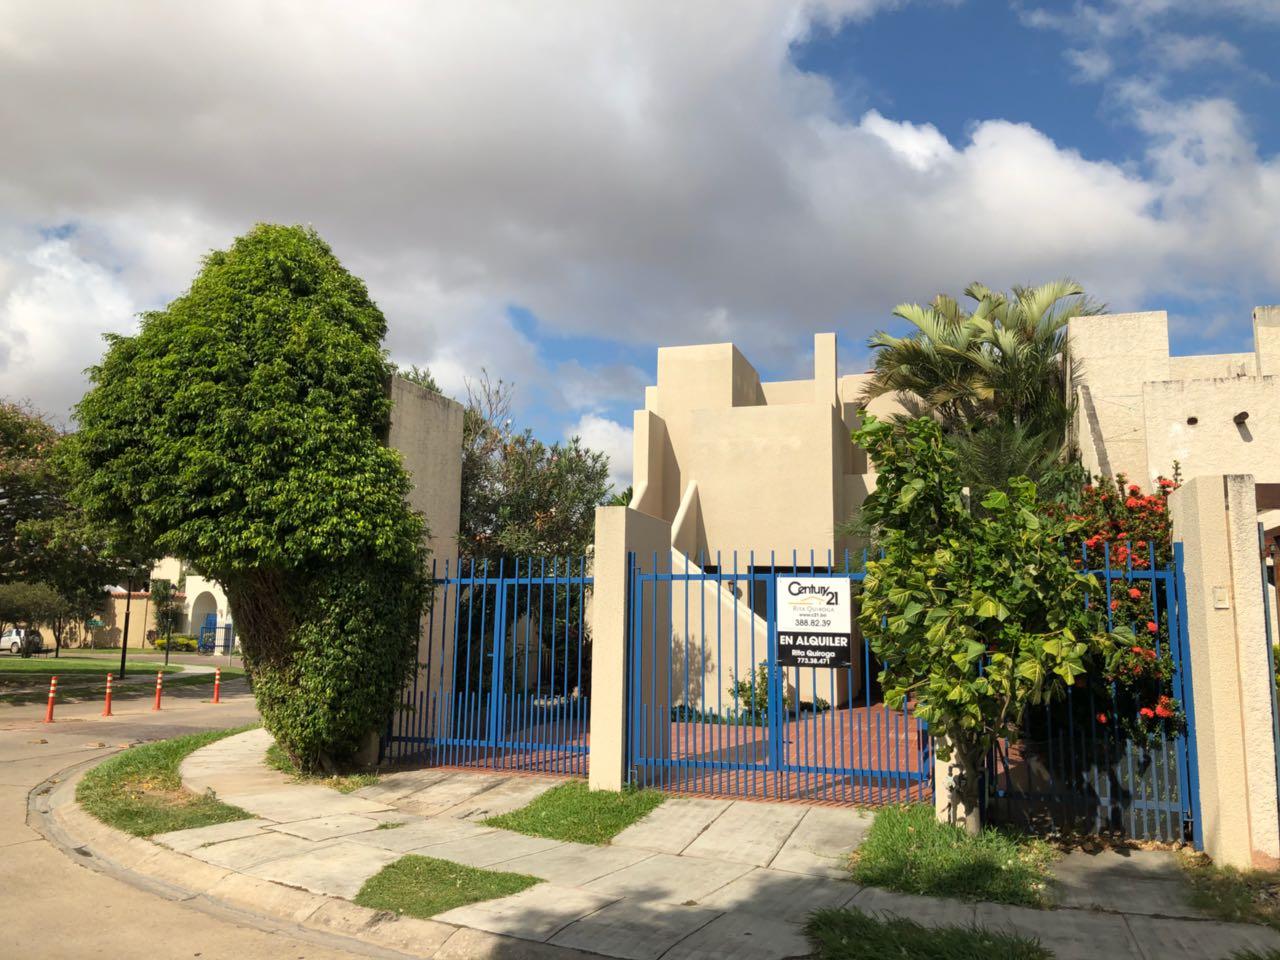 Casa en Alquiler CASA EN ALQUILER, URBANIZACIÓN LA HACIENDA I, ENTRE AV. BENI Y BANZER 5TO ANILLO Foto 1